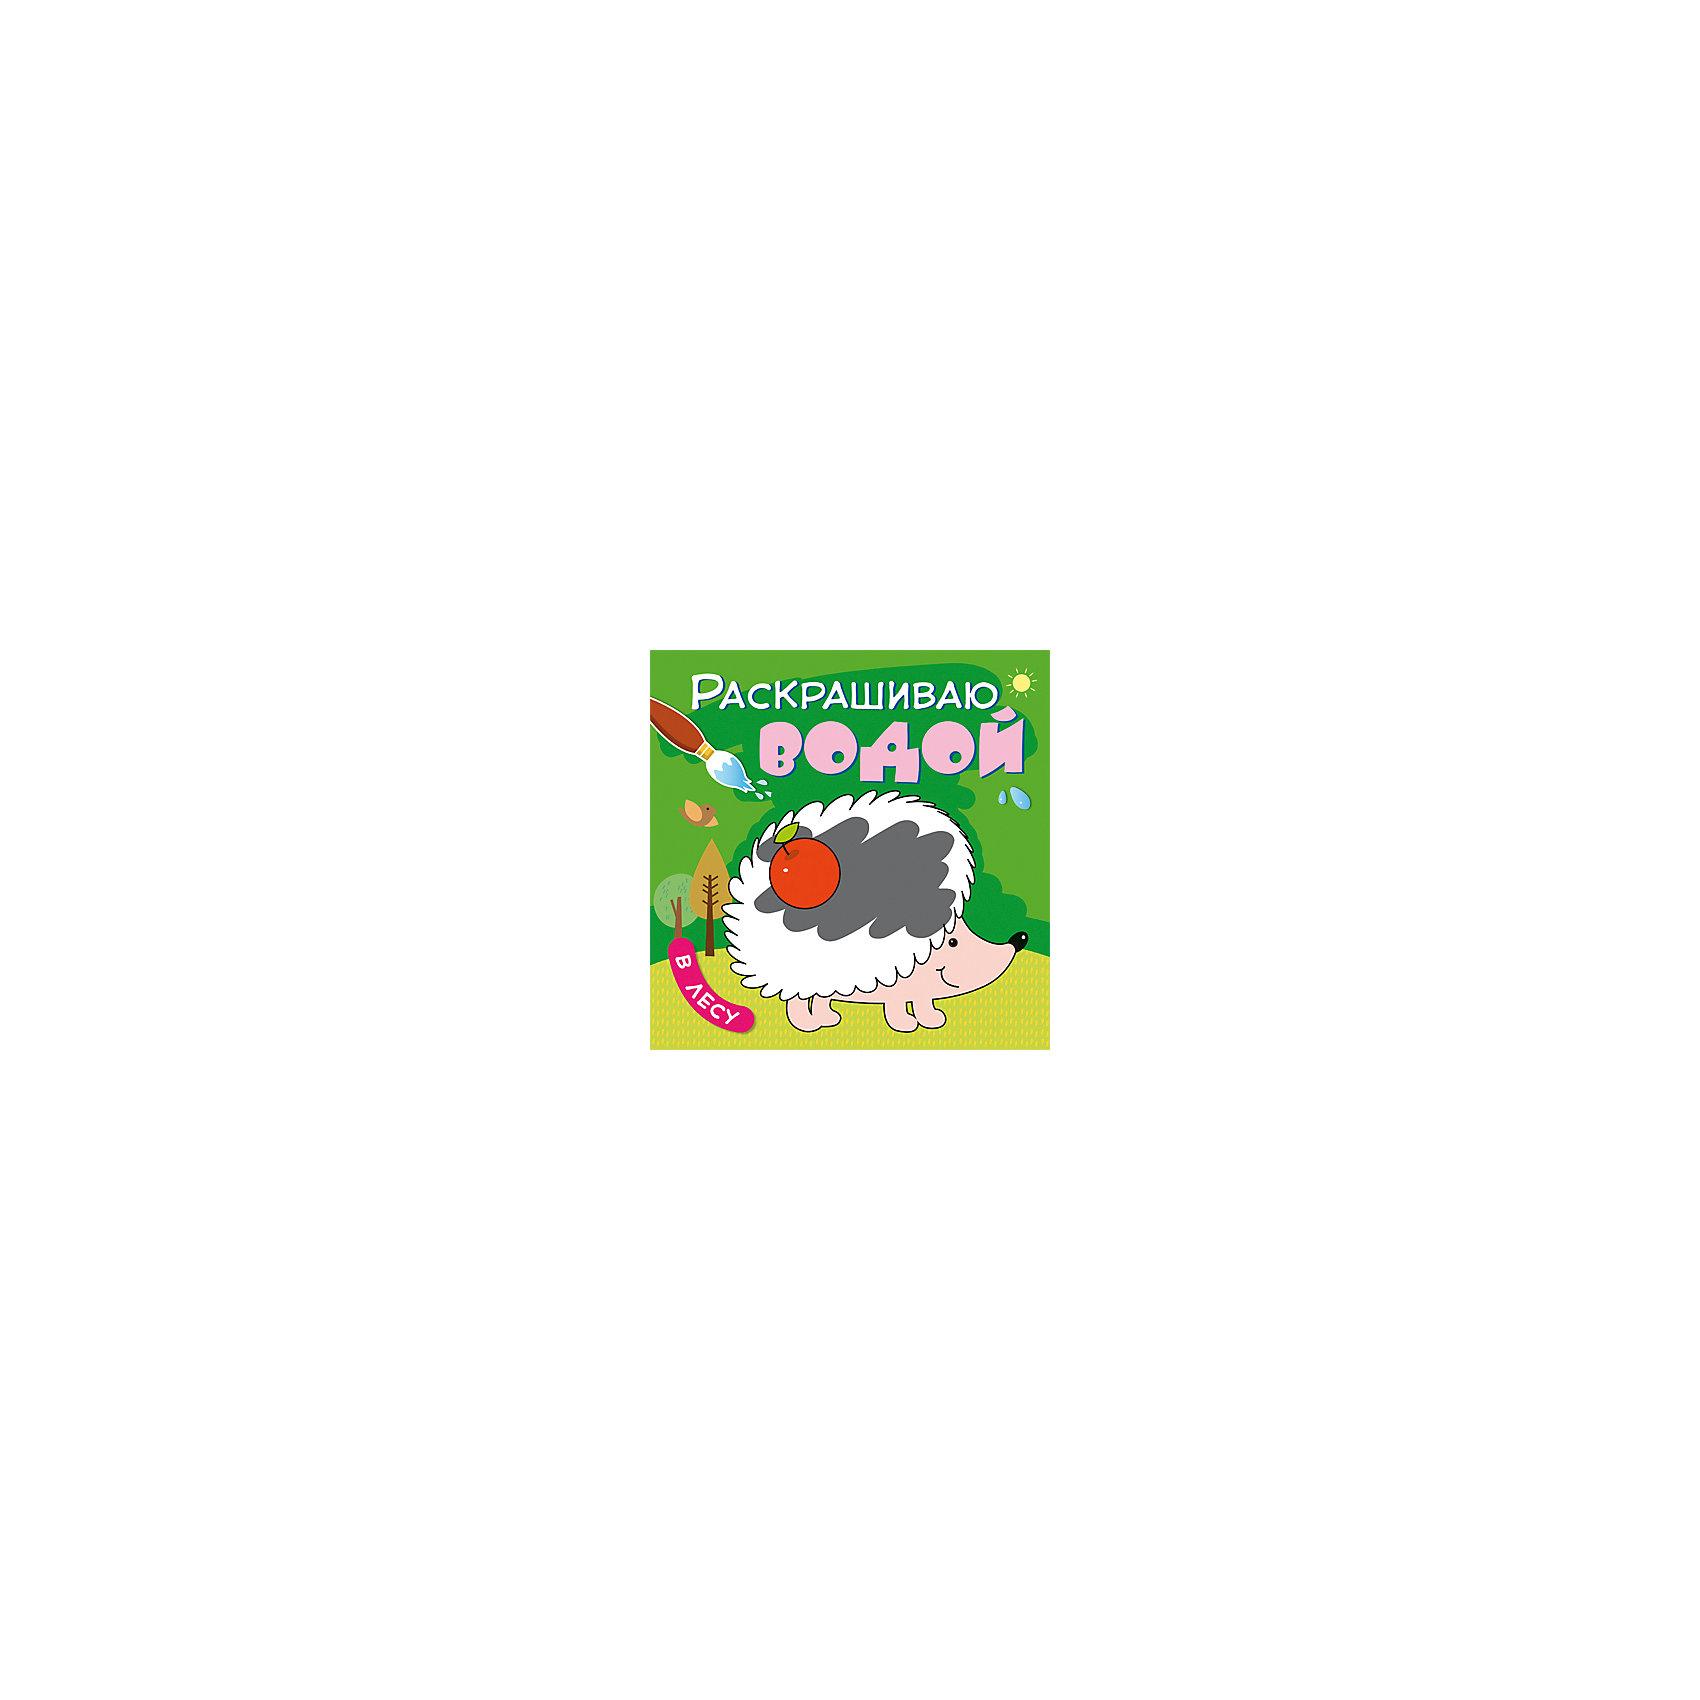 Раскрашиваю водой В лесуХарактеристики раскрашиваю водой В лесу: <br><br>• возраст: до 3 до 5 лет<br>• пол: для мальчиков и девочек<br>• комплект: раскраска, губка.<br>• материал: полимерный материал, поролон.<br>• количество страниц: 6<br>• размер упаковки: 43 х 29 х 1 см.<br>• упаковка: пакет<br>• размер раскраски: 43 х 29 см.<br>• бренд: Kribly Boo / Пирамида открытий<br>• страна обладатель бренда: Россия.<br><br>Водная раскраска В лесу позволит ребенку раскрашивать рисунки легко и просто. Справиться с этим смогут даже малыши. Особенность раскрасок производителя Крибли Бу в том, что рисунки на них появляются, если намочить область внутри контуров, но стоит влаге испариться, а бумаге высохнуть - рисунок тут же исчезает. Этот процесс можно повторять очень много раз. Для удобства к раскраске прилагается губка. Страницы раскраски сделаны из нетоксичных полимерных материалов.<br><br>Раскрашиваю водой В лесу от торговой компании Мозаика-Синтез можно купить в нашем интернет-магазине.<br><br>Ширина мм: 2<br>Глубина мм: 195<br>Высота мм: 195<br>Вес г: 48<br>Возраст от месяцев: 12<br>Возраст до месяцев: 48<br>Пол: Унисекс<br>Возраст: Детский<br>SKU: 5362890